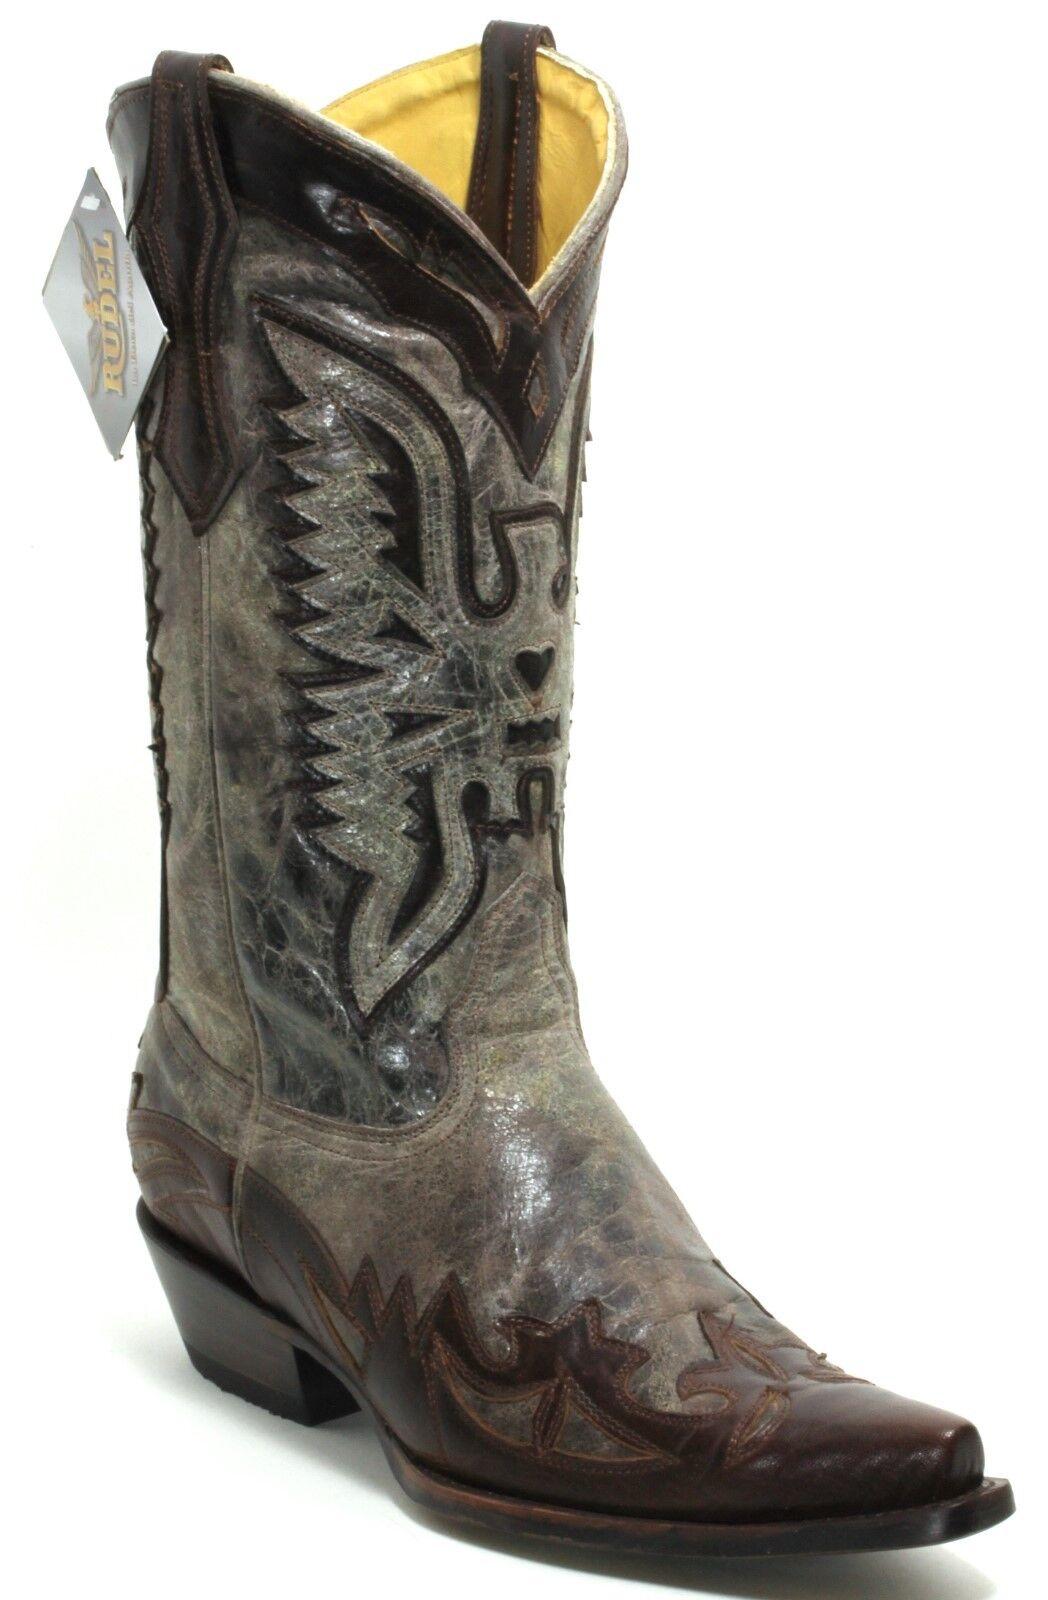 131 Cowboystiefel Westernstiefel Texas Stiefel Western Lederstiefel Rudel 44